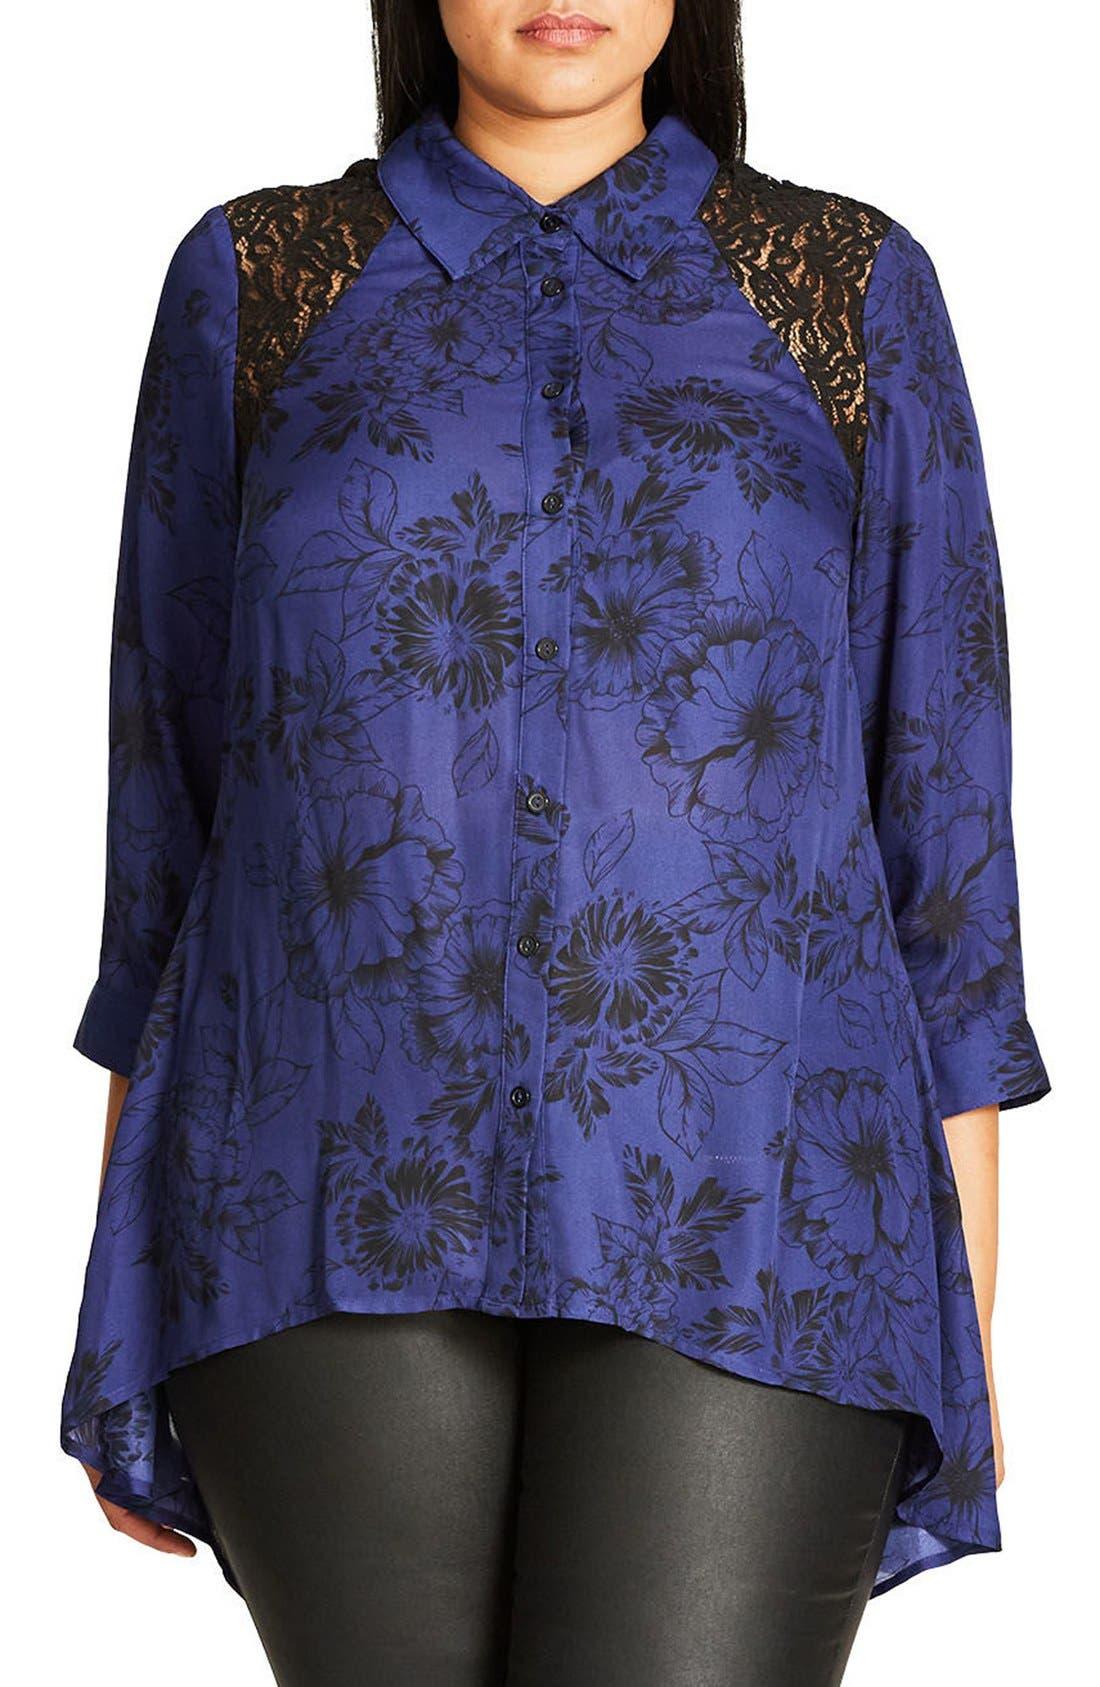 Main Image - City Chic Des Fleurs Back Keyhole Shirt (Plus Size)